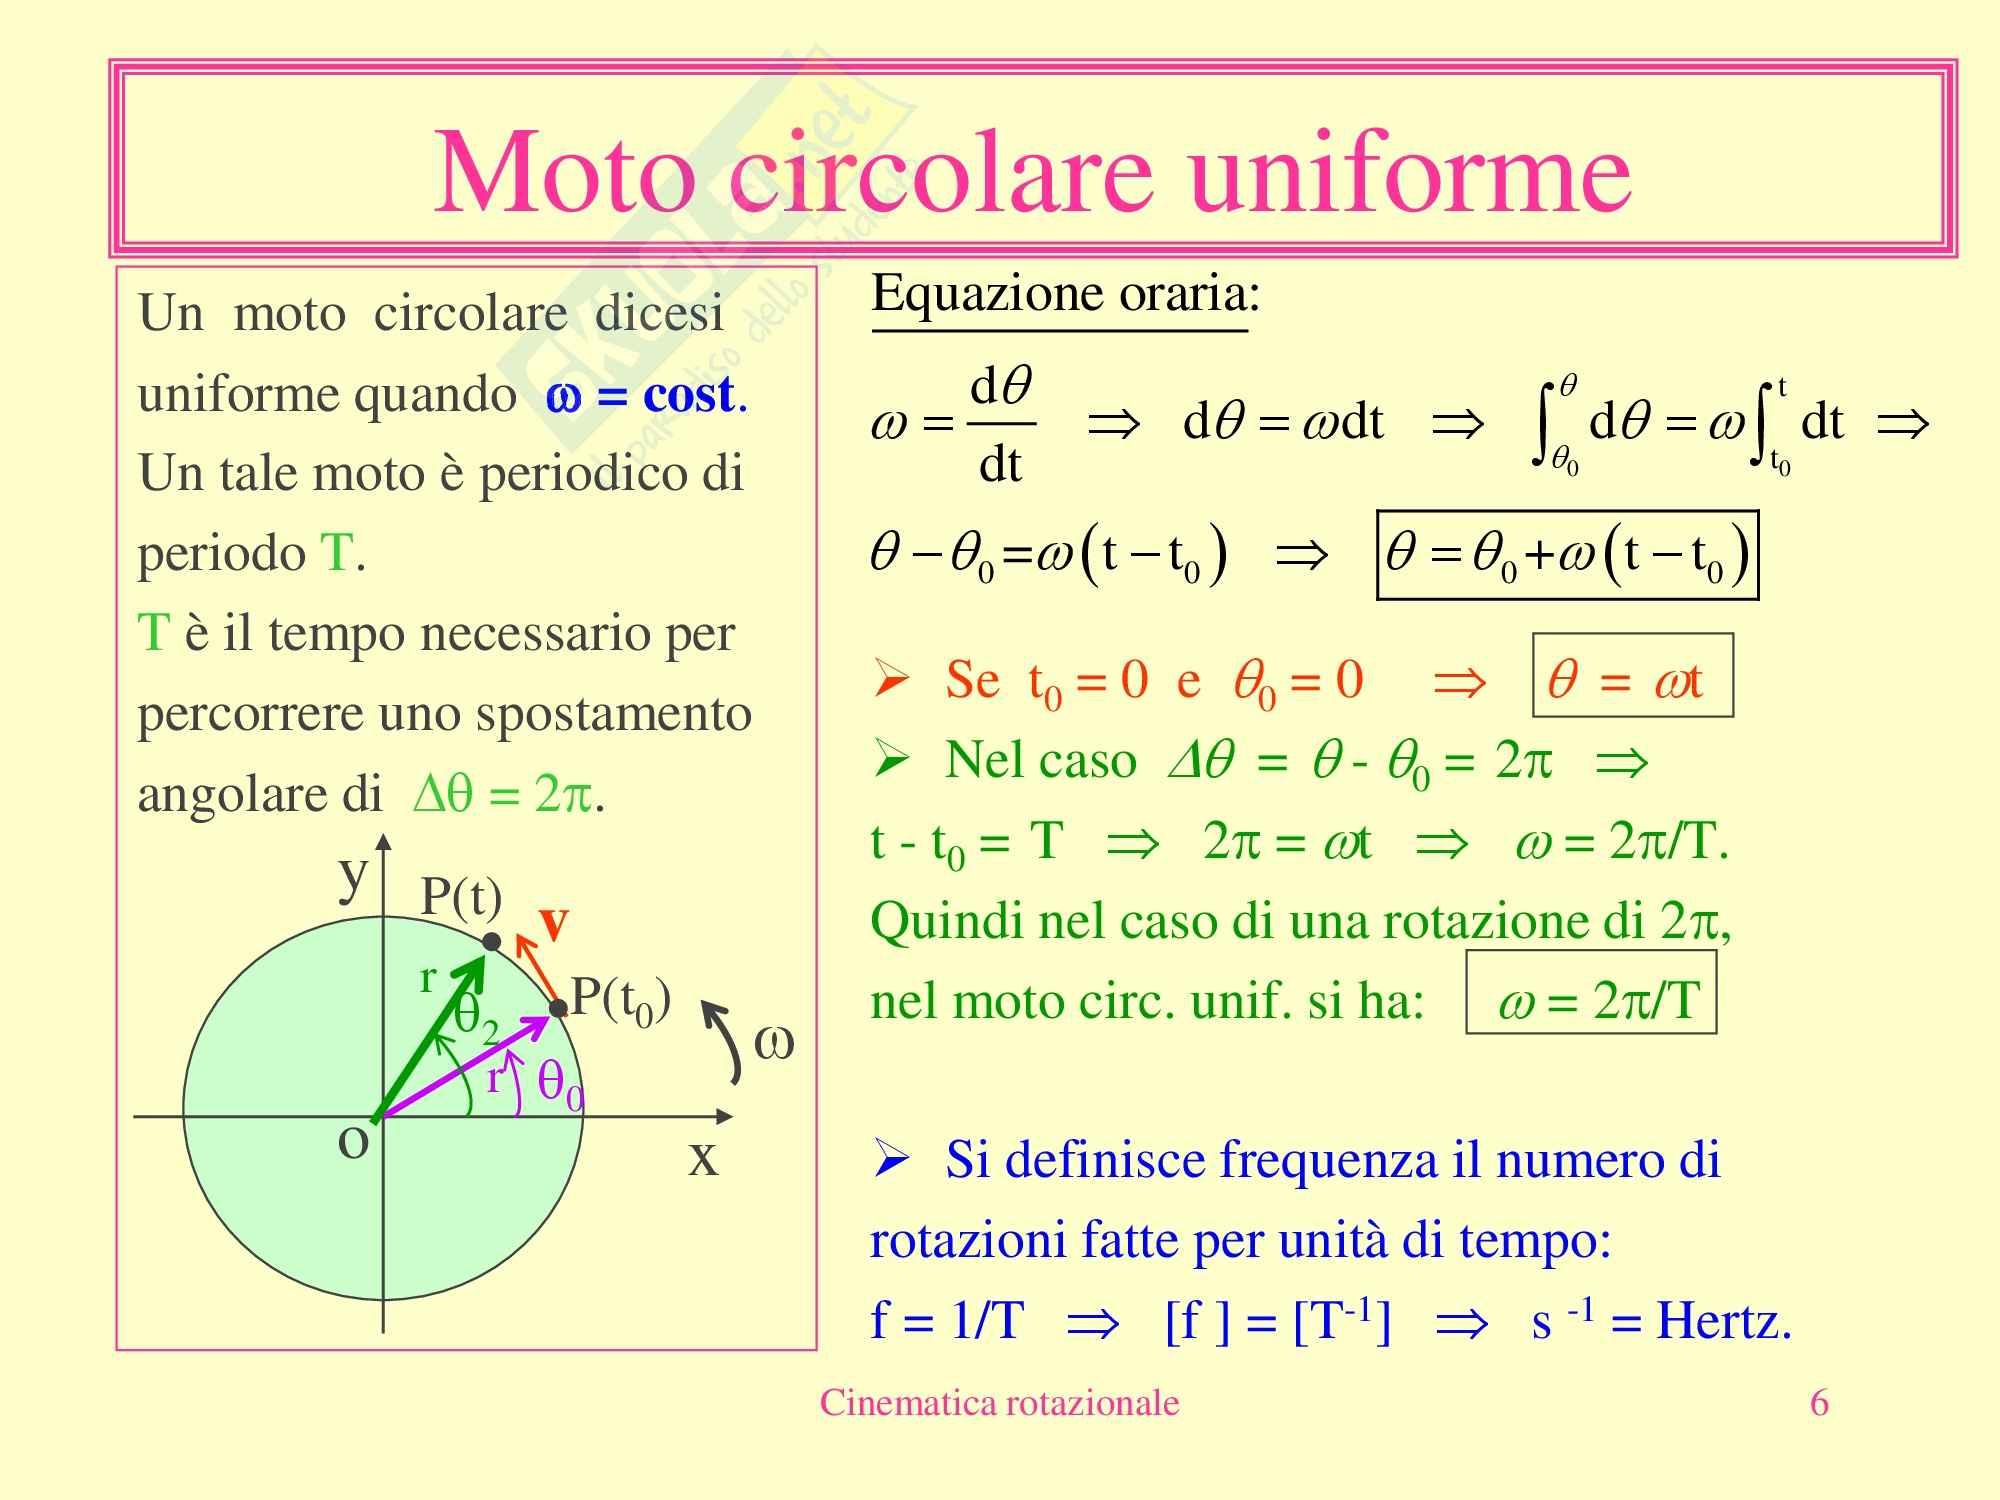 Fisica Medica - Cinematica Rotazionale Pag. 6